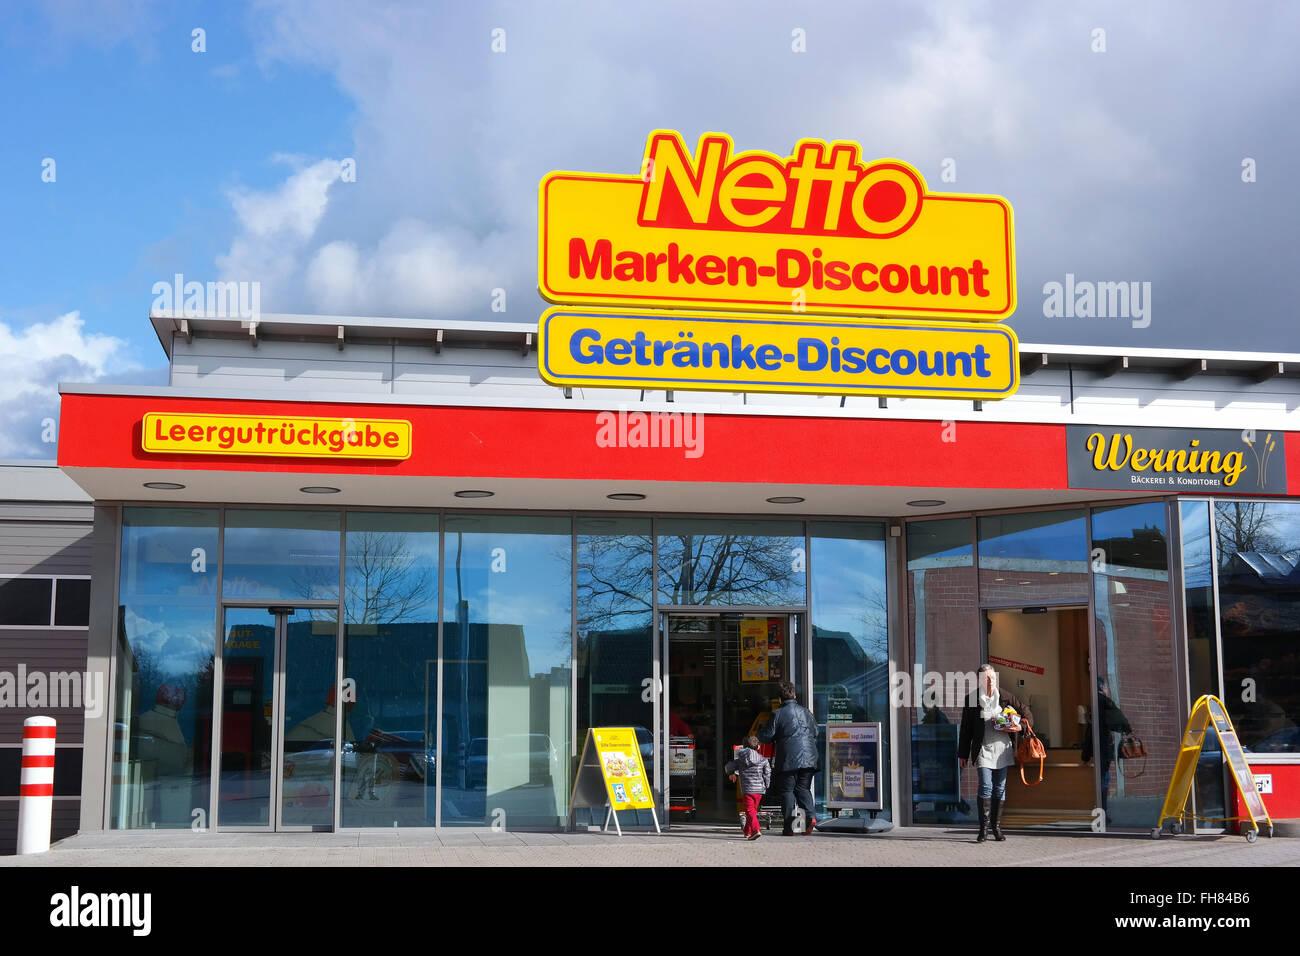 Netto Marken-Discount Supermarkt Stockfoto, Bild: 96680058 - Alamy